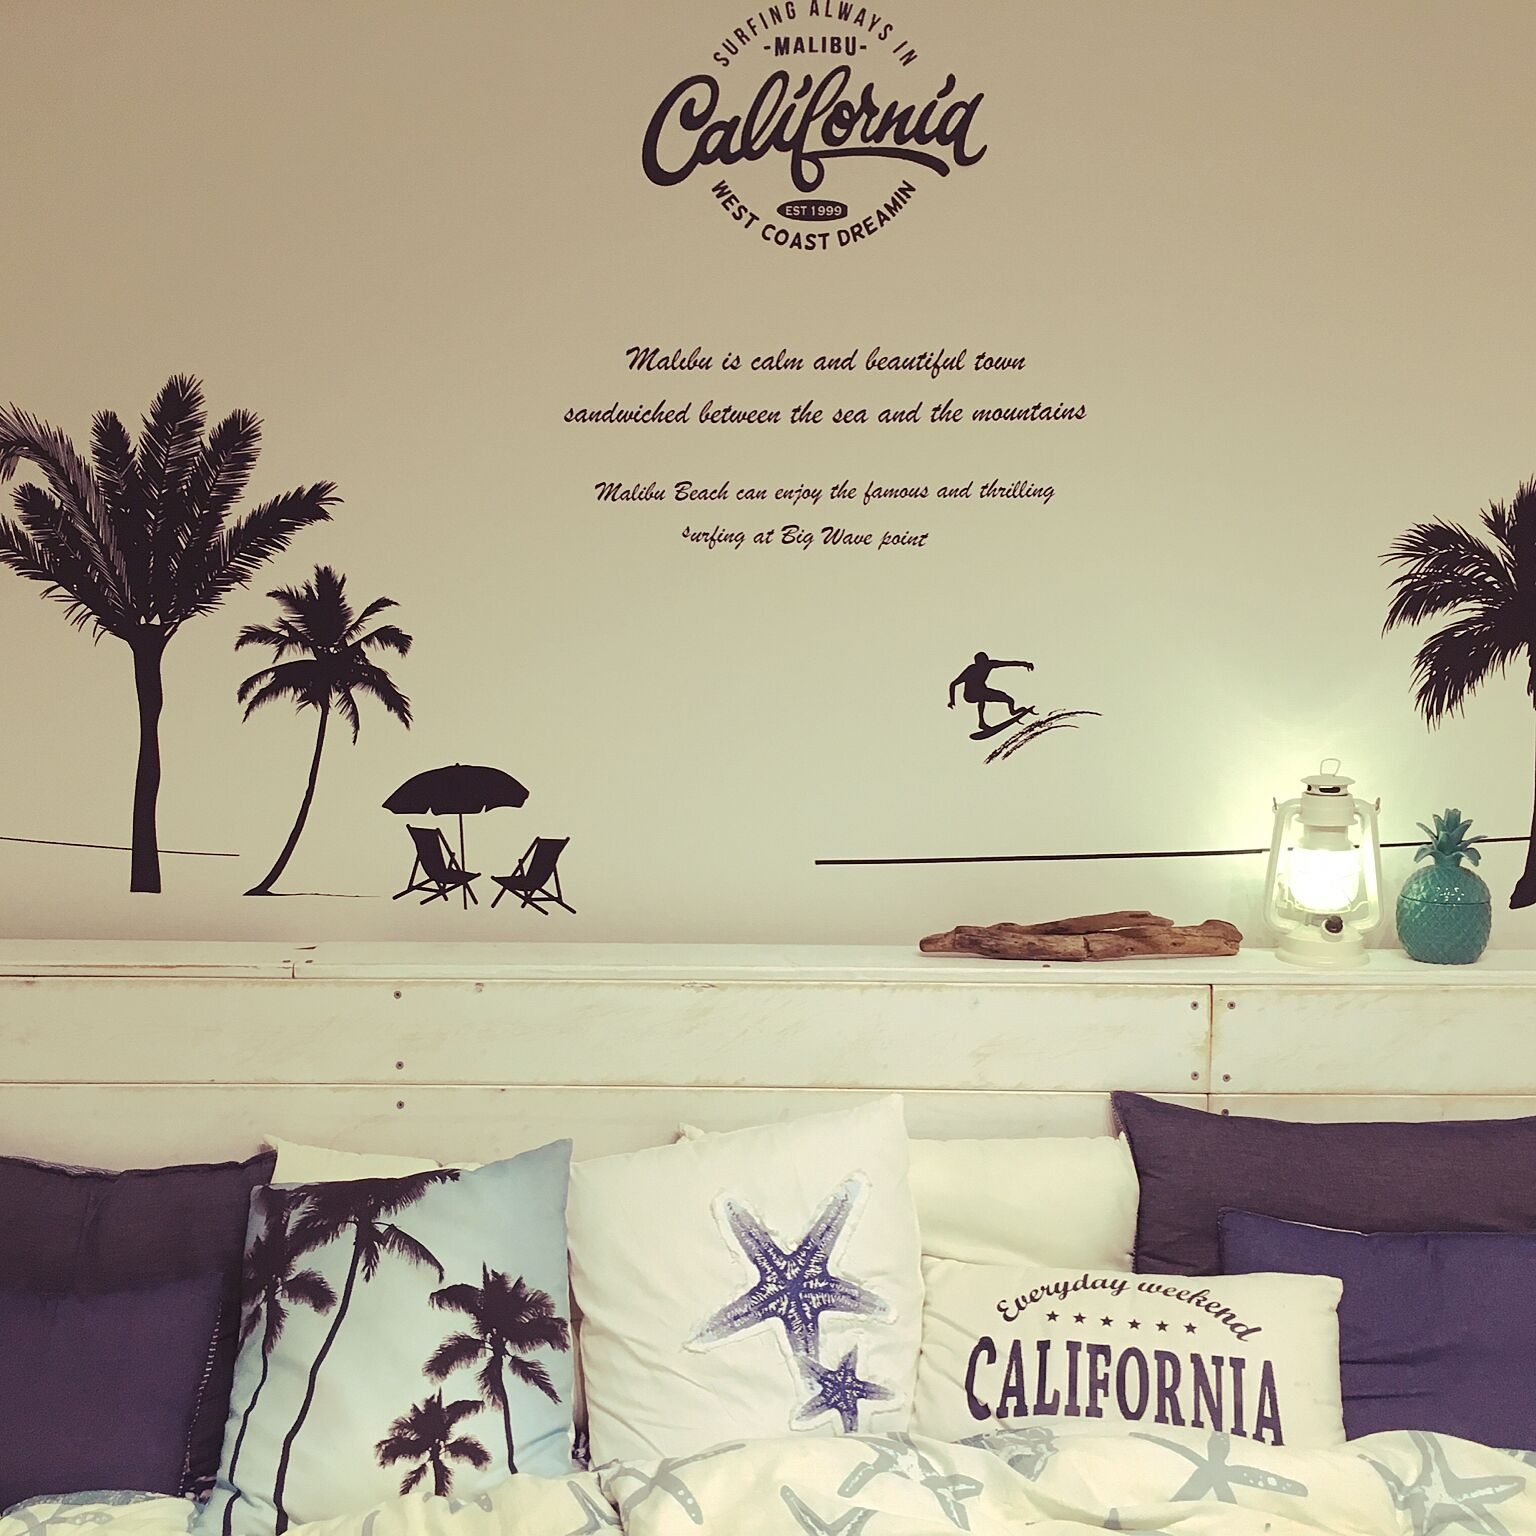 白い板を繋ぎ合わせて西海岸風のヘッドボードに。背後の壁にも海を感じる爽やかなベッドルームコーディネートです。